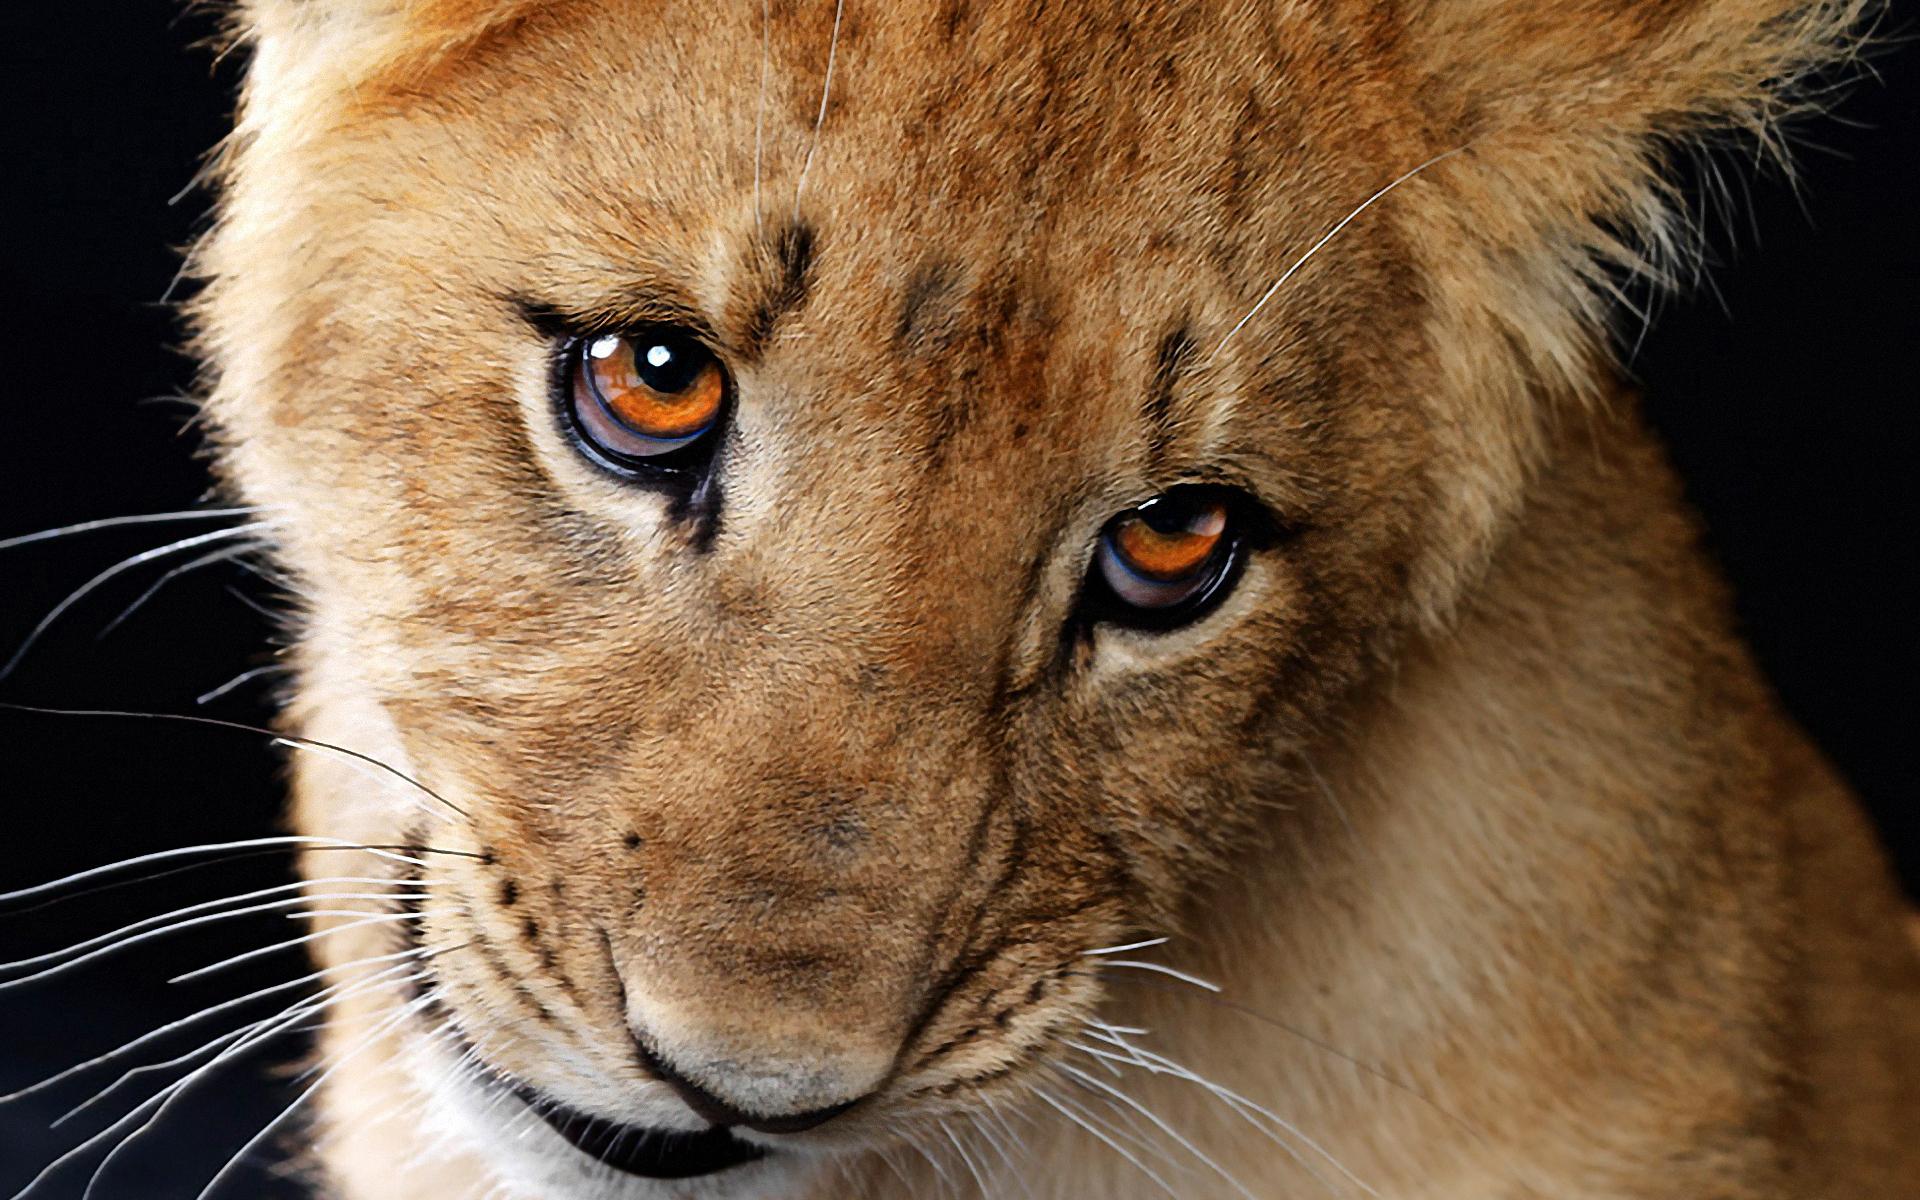 Adorable Lion Wallpaper